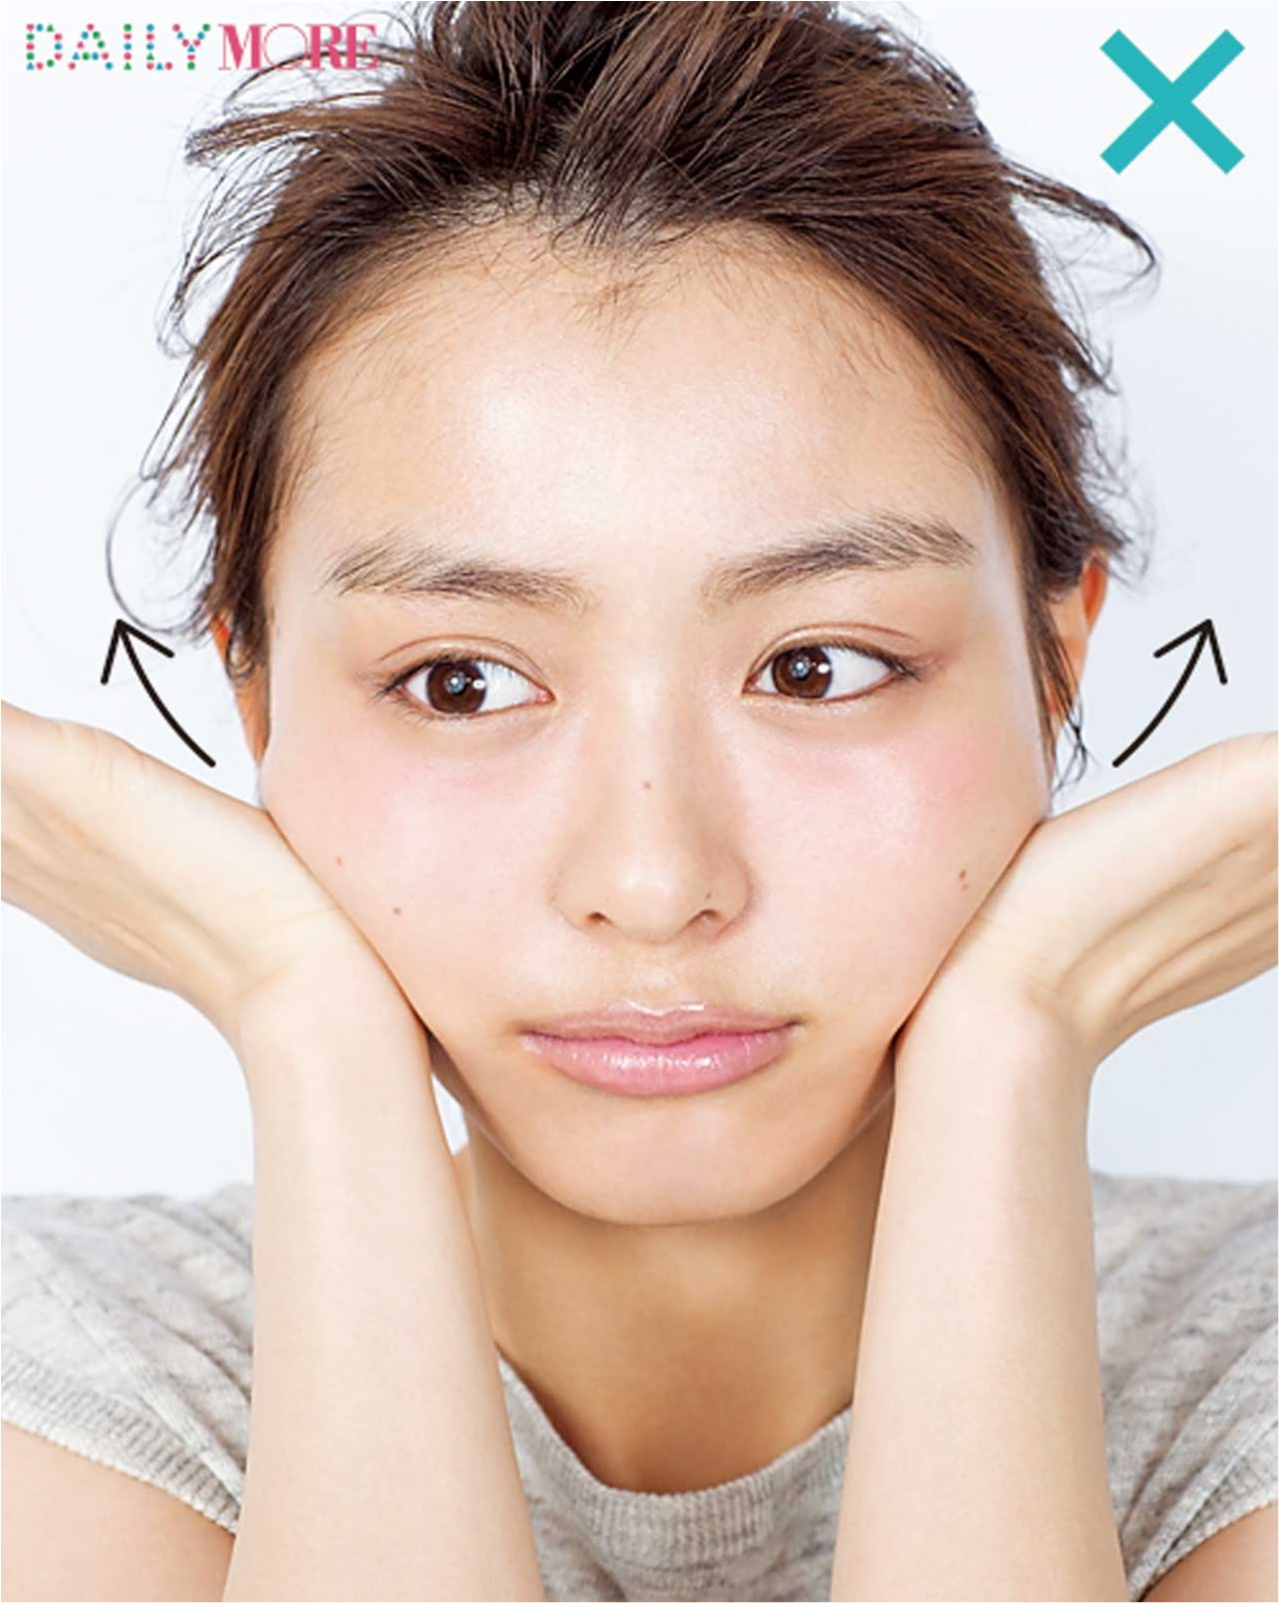 おどろきの小顔に♡ ヘア&メイク小田切ヒロの「別人級セルフコルギ」<ほお&えら編>_3